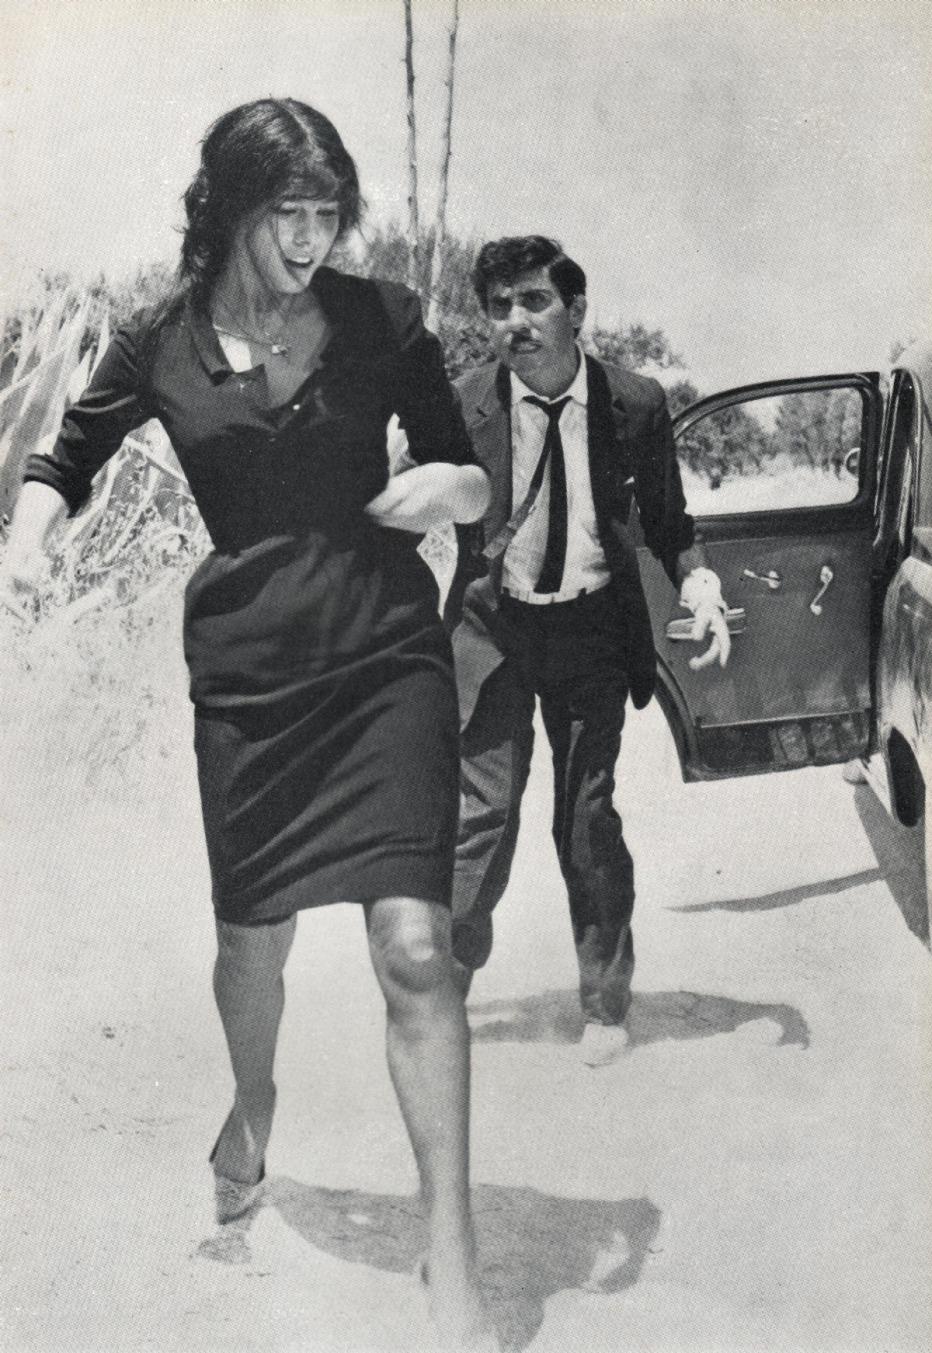 Sedotta-e-abbandonata-1964-pietro-germi-30